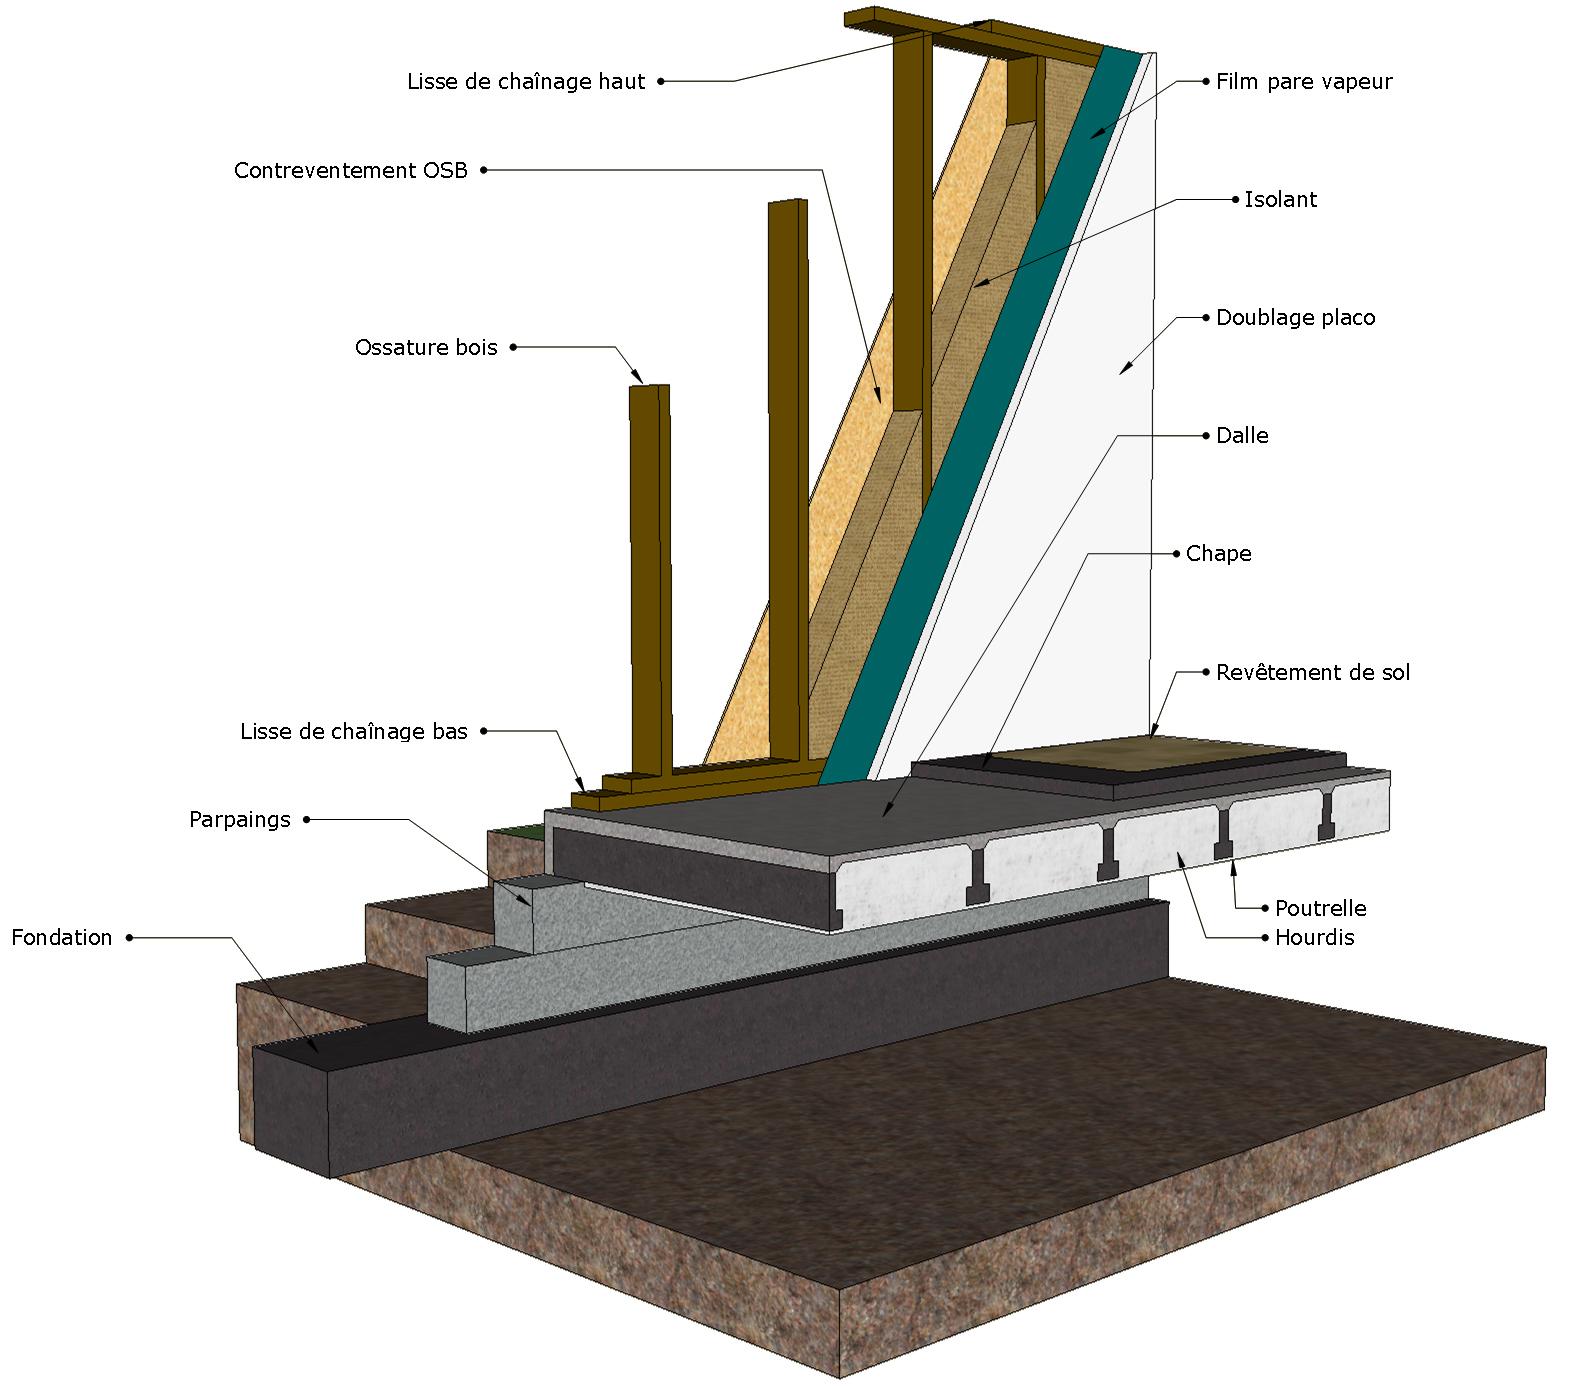 coupe de mur sur vide sanitaire technobat construction. Black Bedroom Furniture Sets. Home Design Ideas